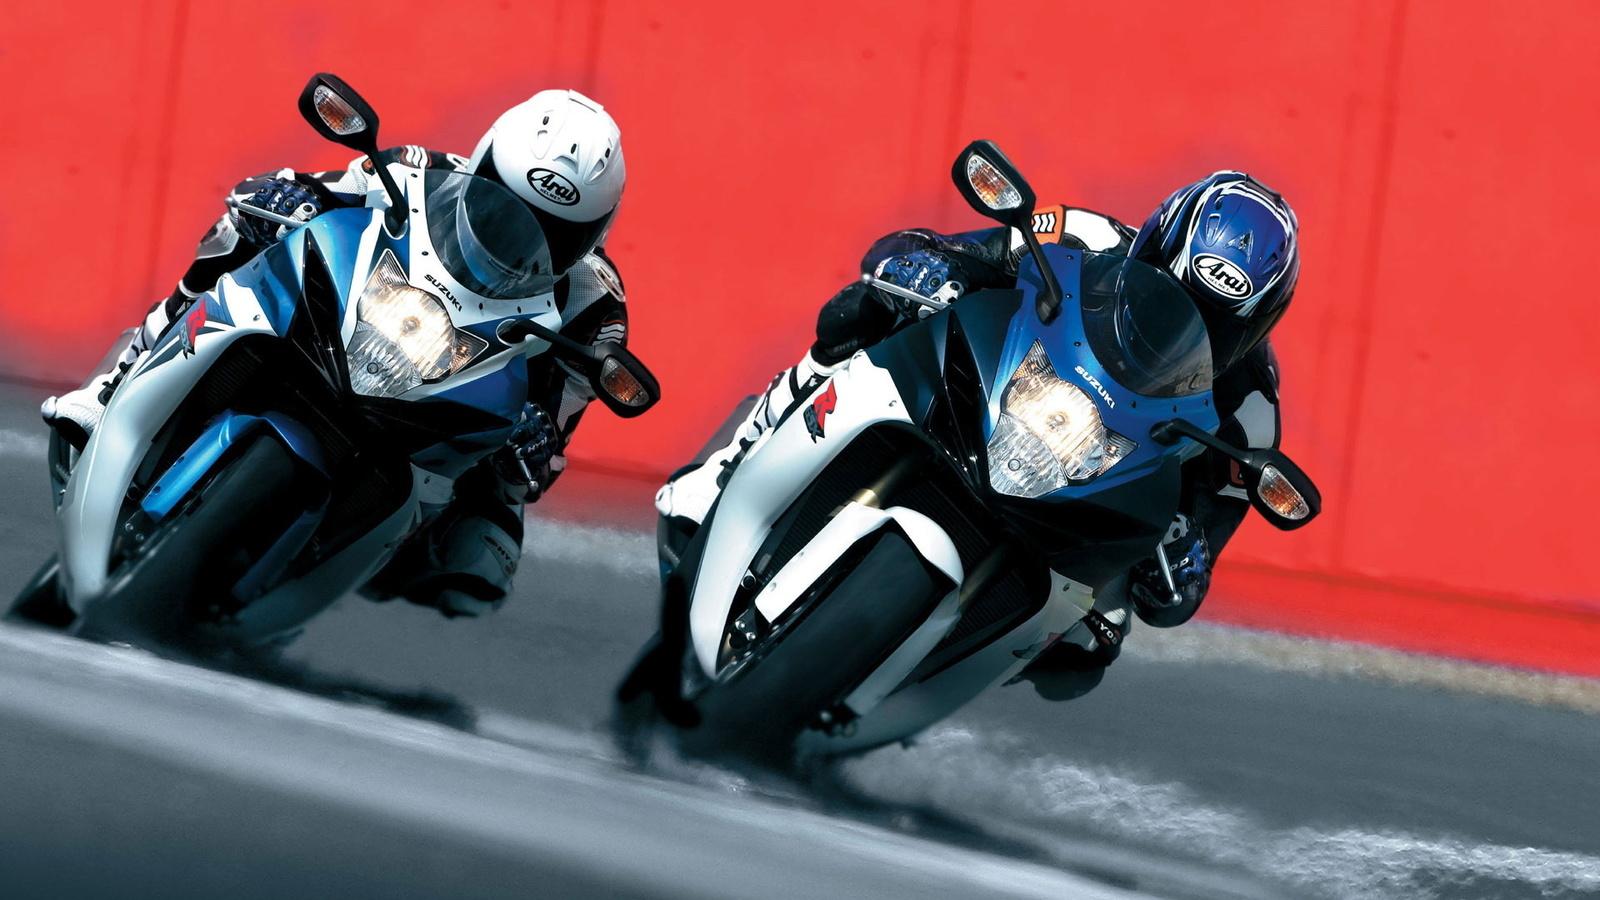 сузуки, байк, гонки, скорость, соревнования, шлем, соперник, вираж, колеса, фары, байк